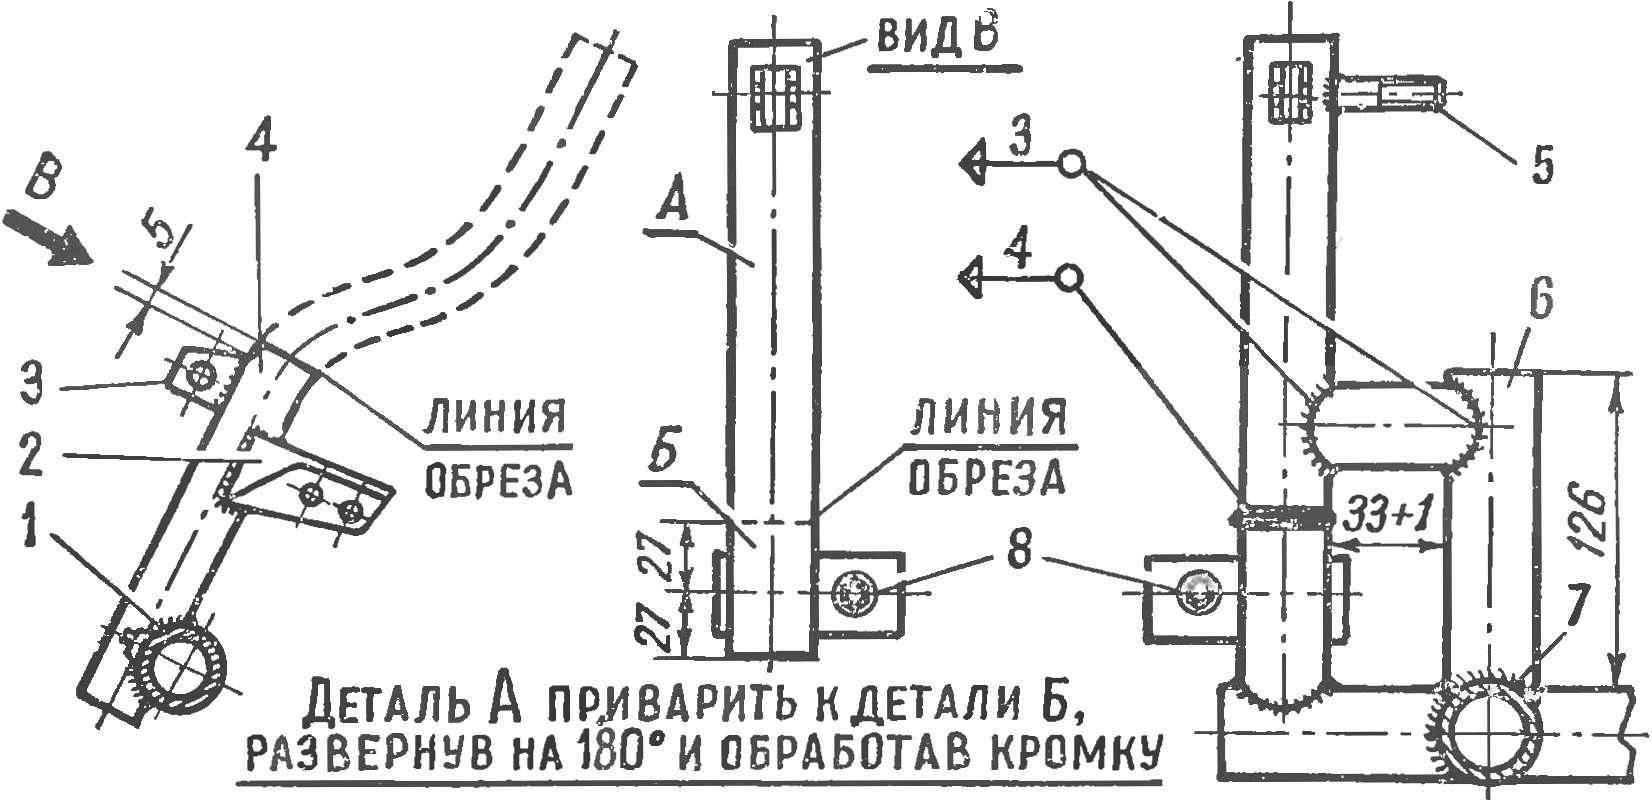 Рис. 4. Реконструкция подвески «Вятки» ВП-150